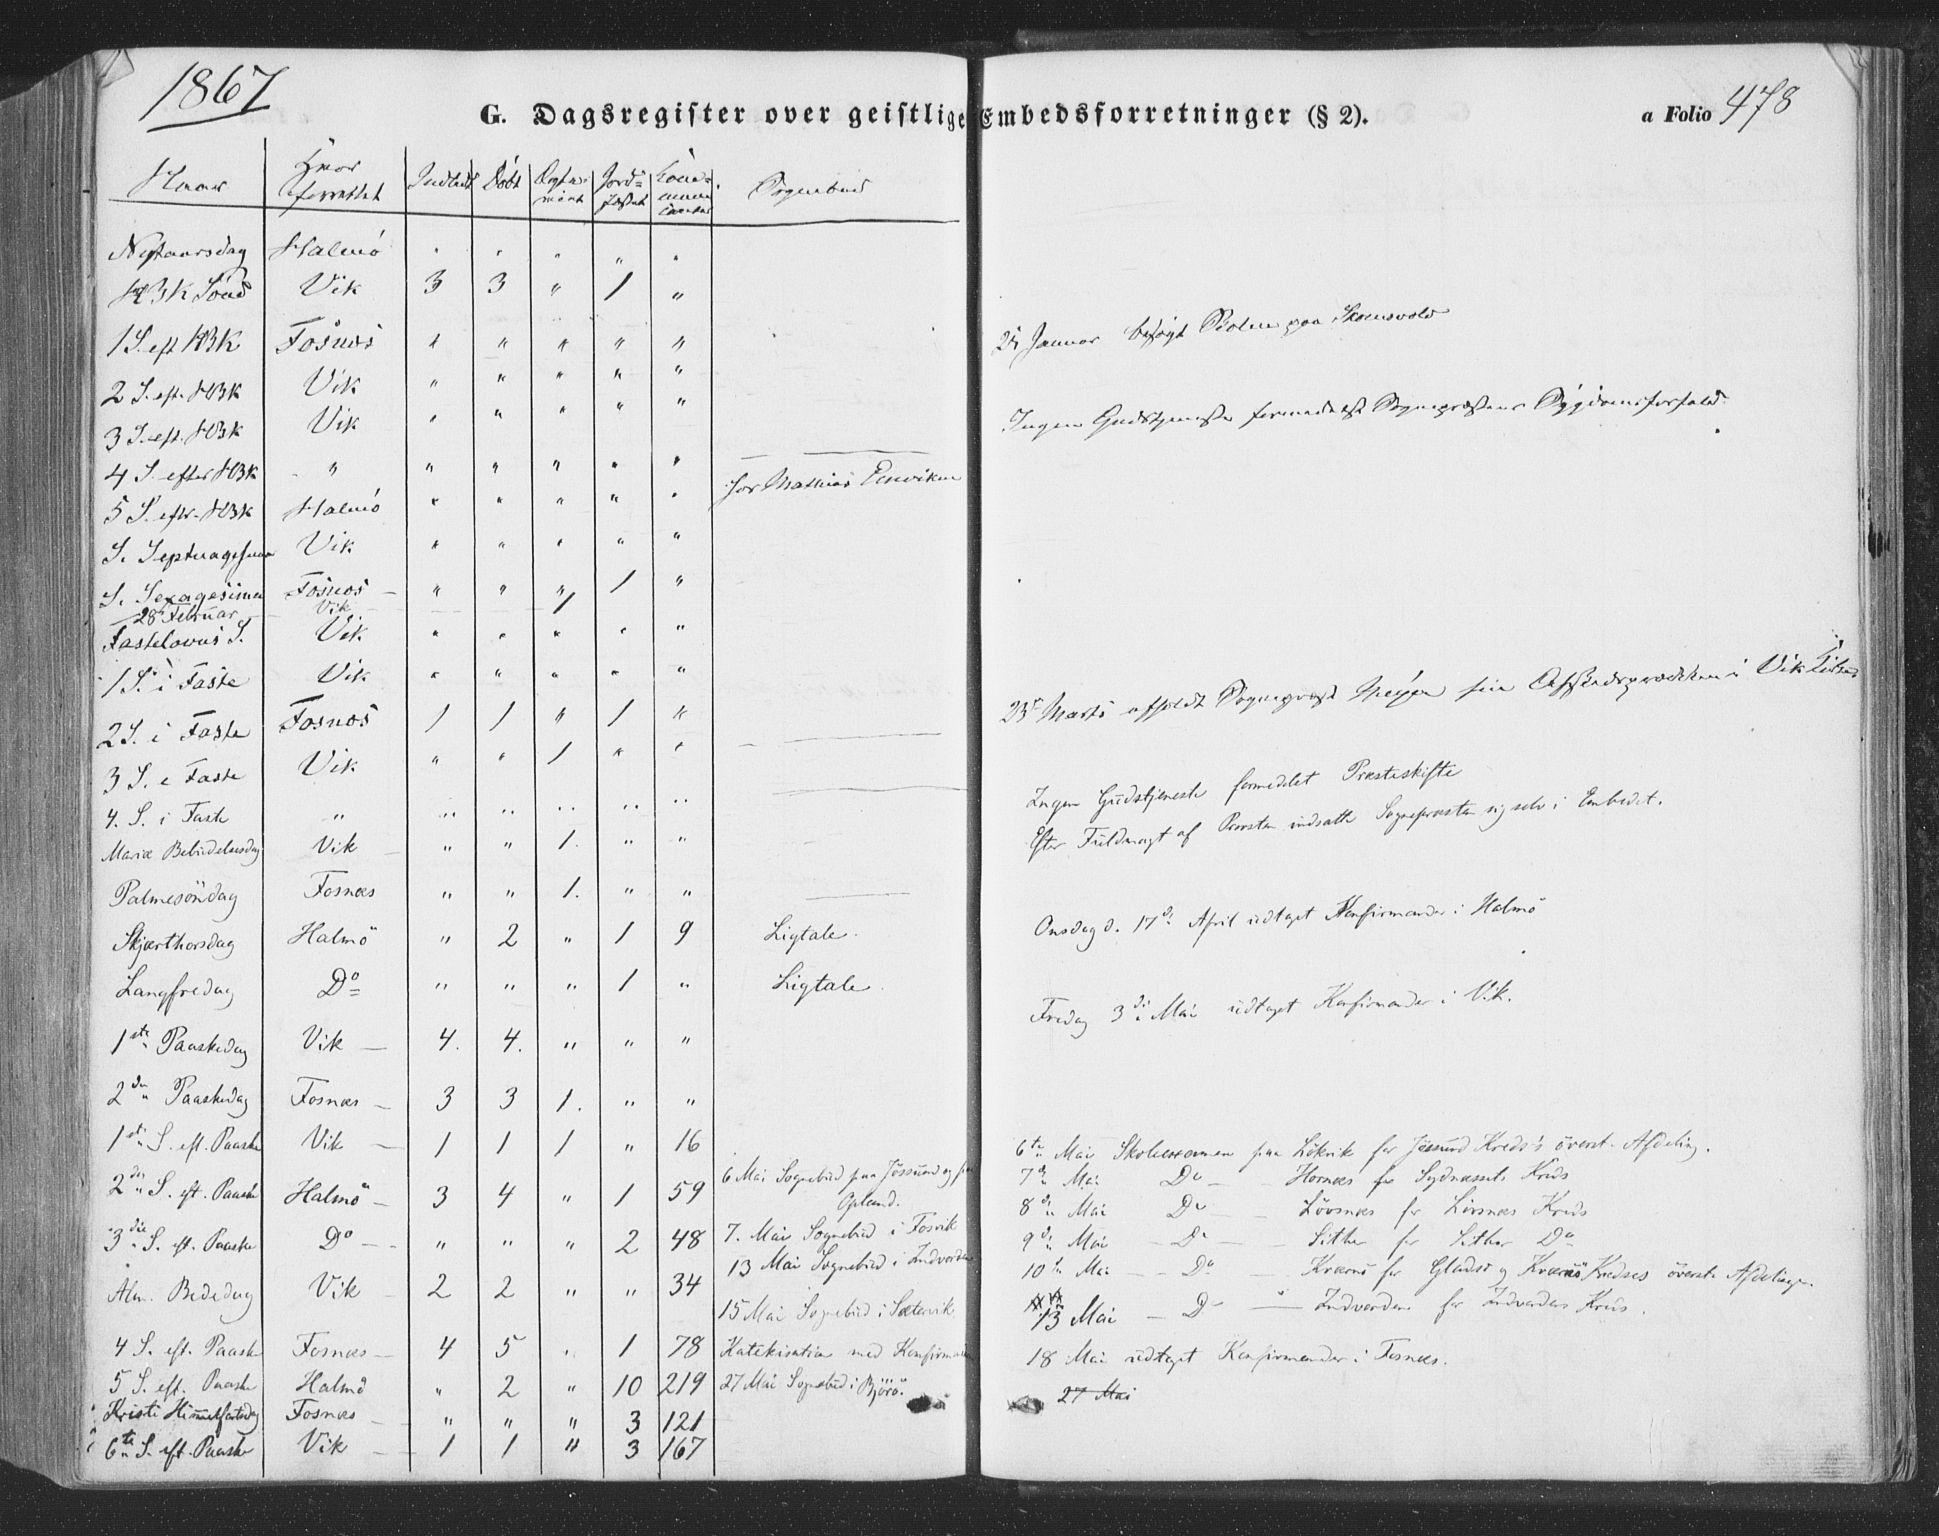 SAT, Ministerialprotokoller, klokkerbøker og fødselsregistre - Nord-Trøndelag, 773/L0615: Ministerialbok nr. 773A06, 1857-1870, s. 478